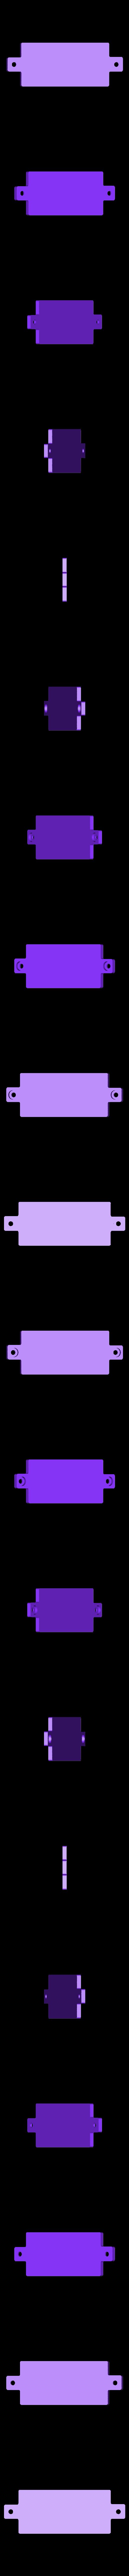 Battery_Cover.stl Télécharger fichier STL gratuit Enseigne de nom - Décorez la lampe LED - Superbe idée de cadeau • Objet à imprimer en 3D, LetsPrintYT